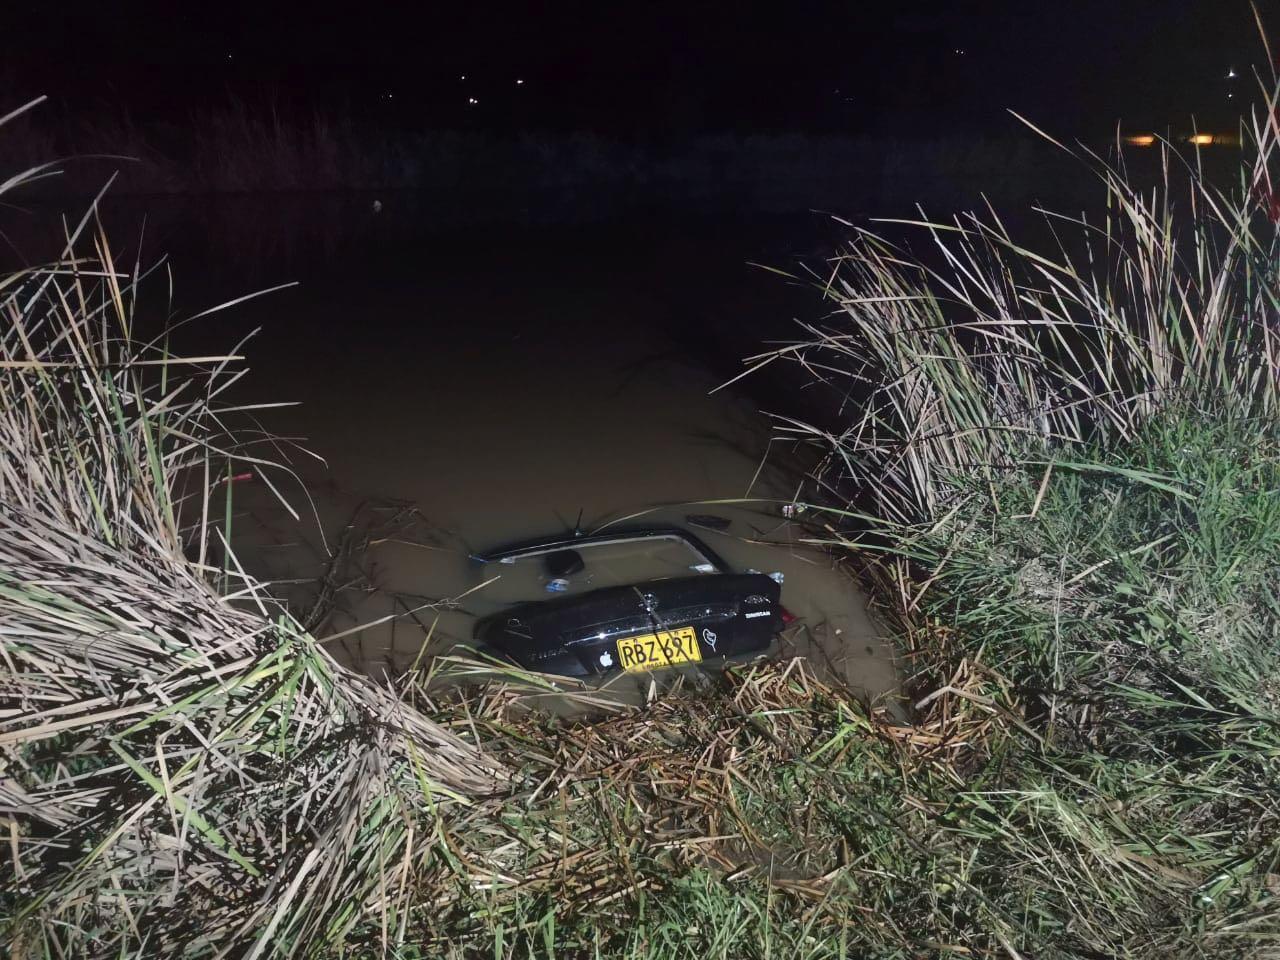 Este es el vehículo que cayó al agua en zona veredal de Villa de Leyva ocasionando la muerte de una pareja de esposos de la zona.